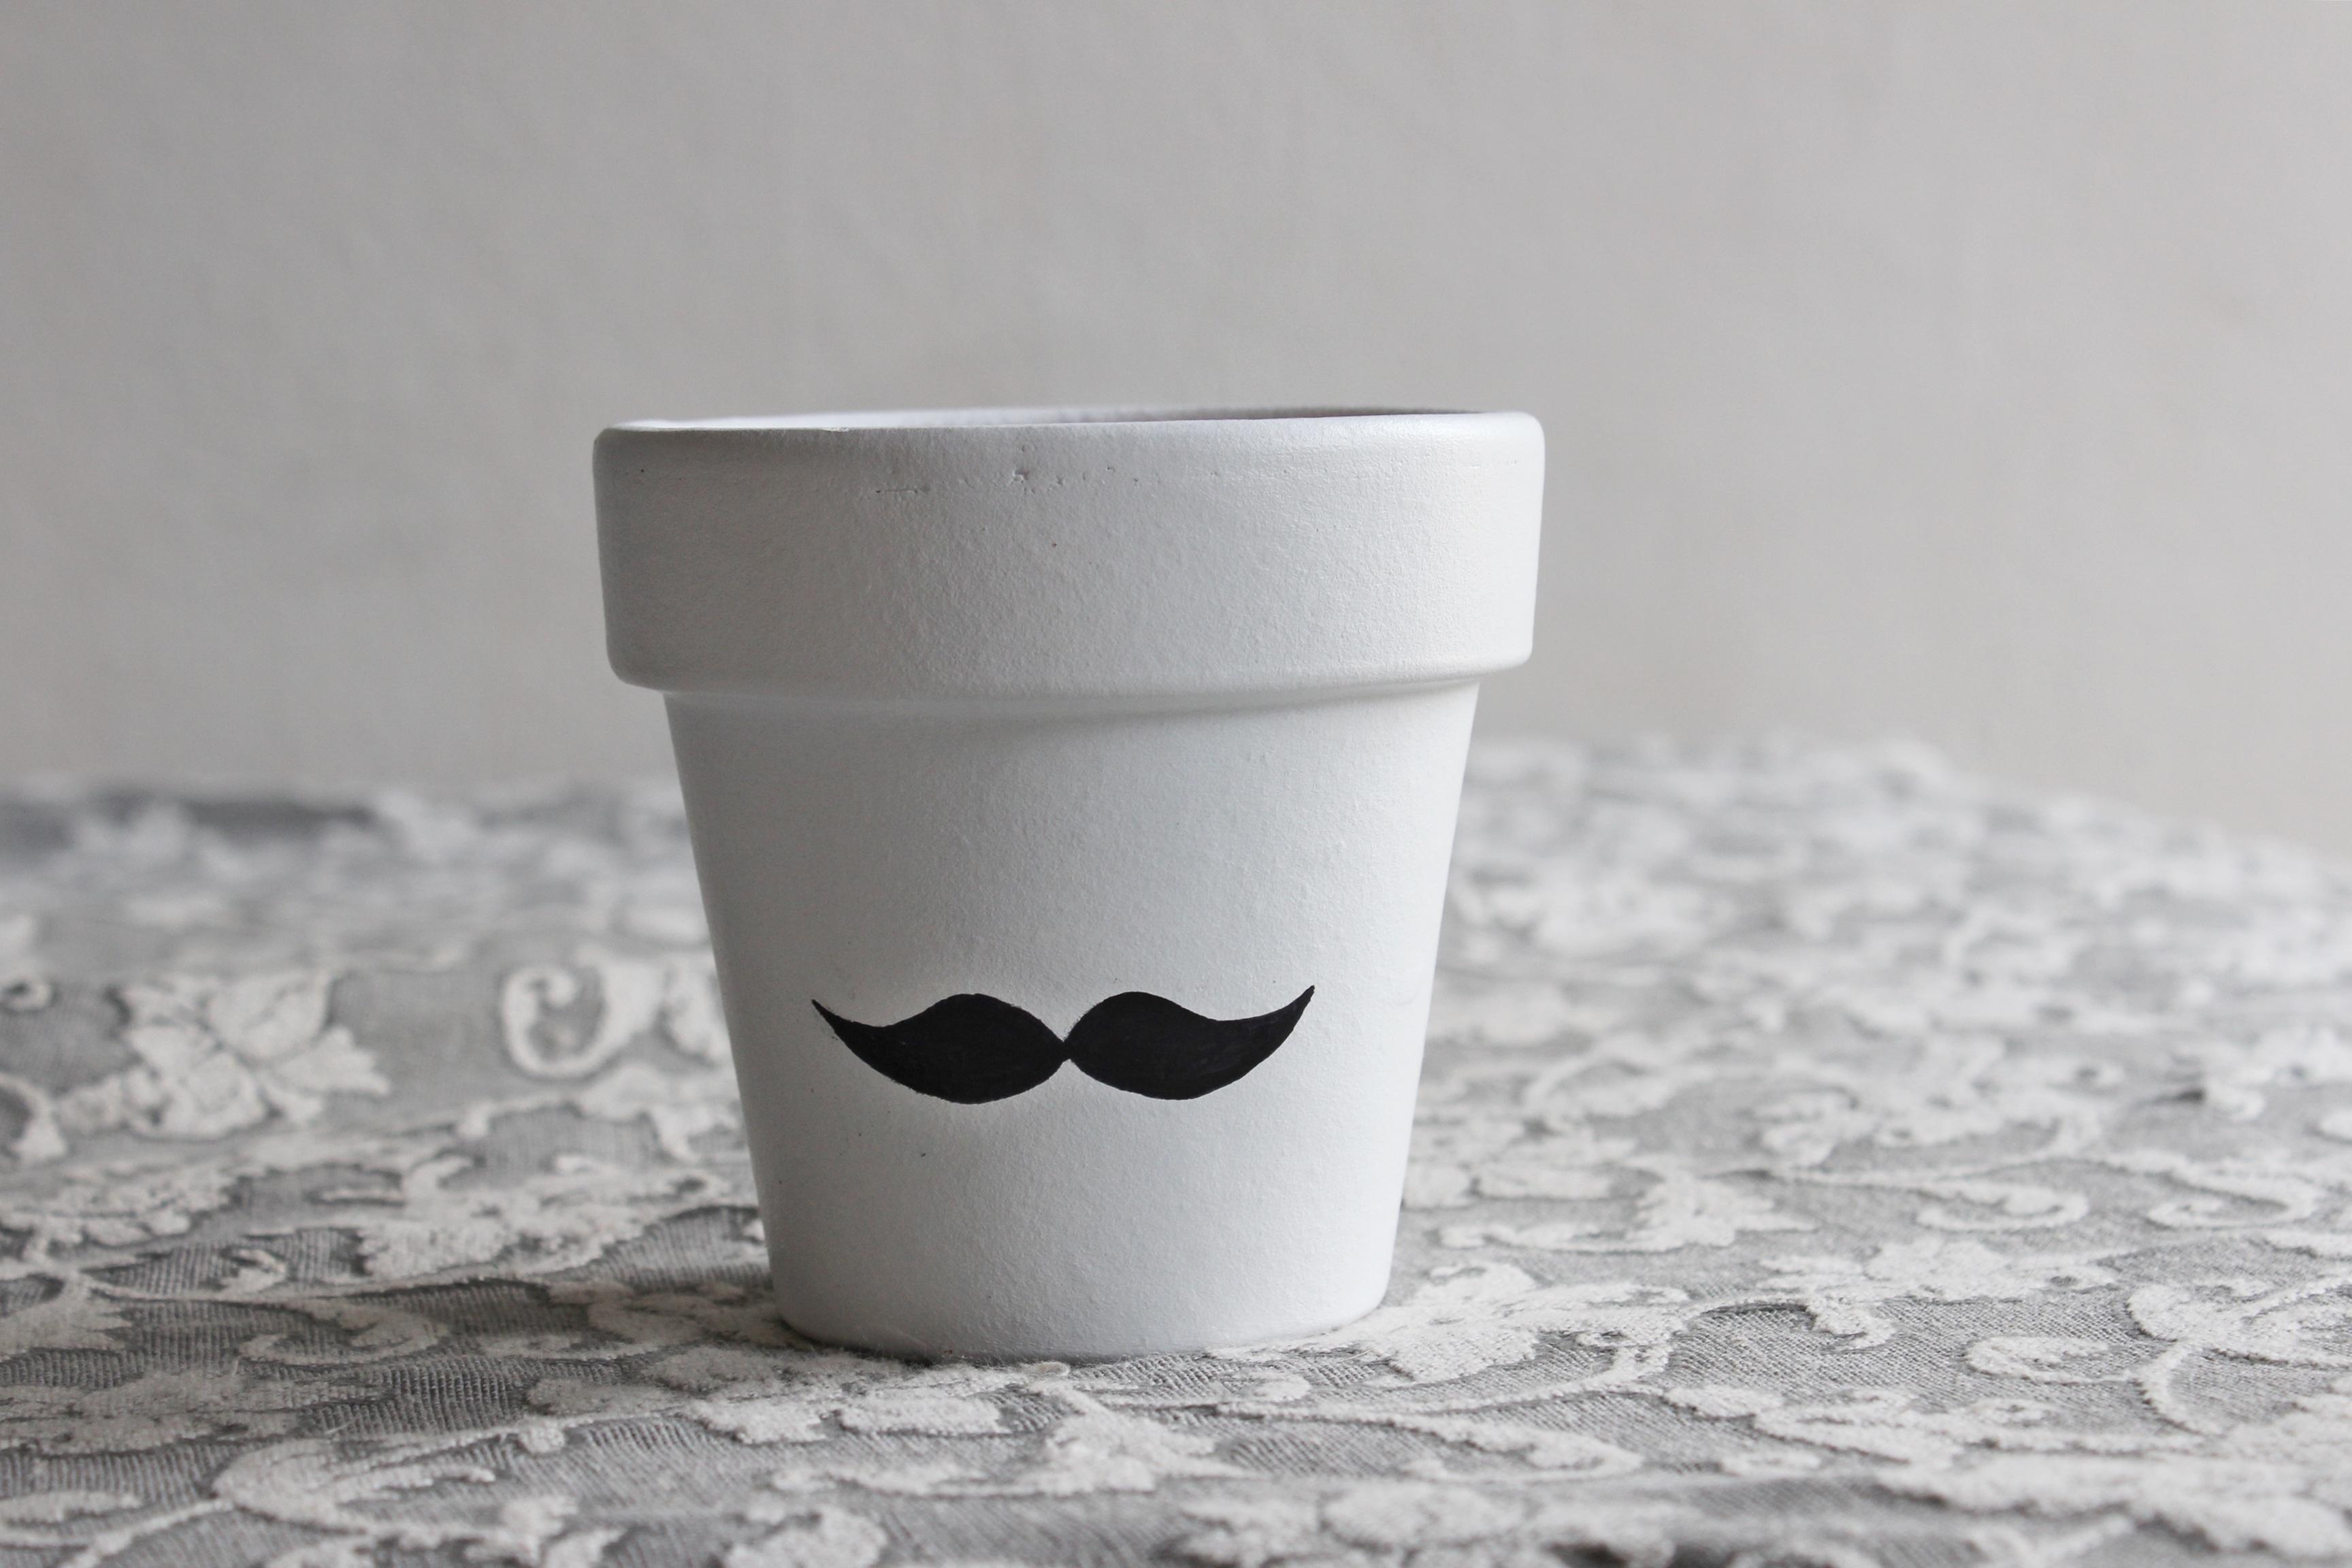 Free Images : plant, white, pot, vase, saucer, ceramic, drink, mug ...